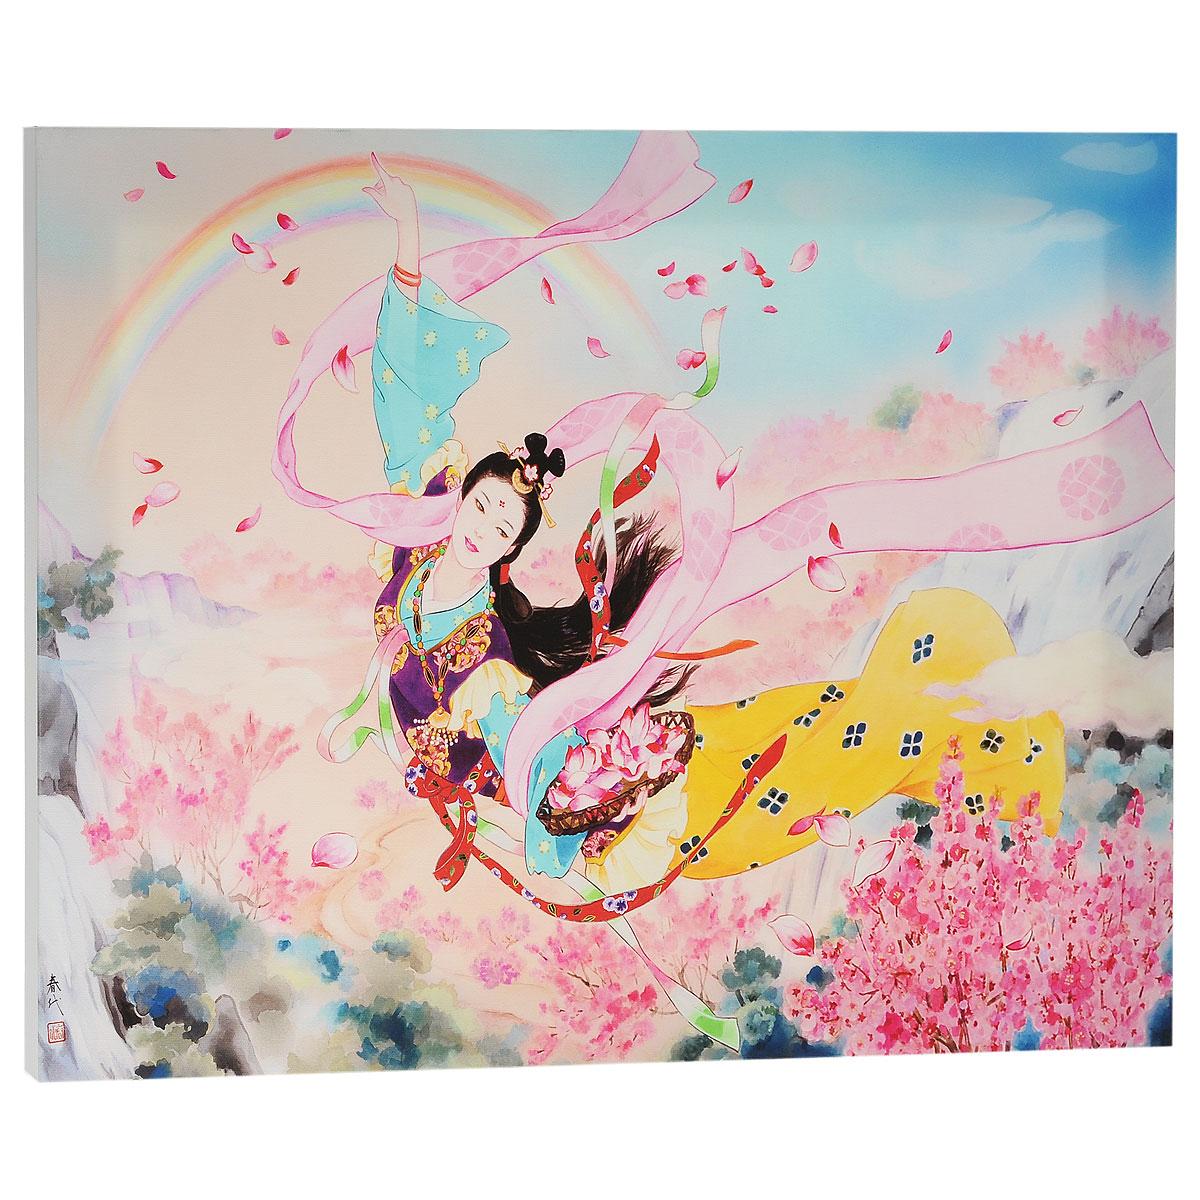 КвикДекор Картина на холсте Tennyo, 60 см х 40 см4607161056912Картина на холсте КвикДекор Tennyo - это прекрасное украшение для вашей гостиной или спальни. Она привнесет в интерьер яркий акцент и сделает обстановку комфортной и уютной. Харие Морита родилась в Японии в 1945 году. Свой талант художника она проявила еще в раннем детстве. Обучение традиционной японской живописи и победы на выставках определили ее будущее художника. После обучения Харие работала дизайнером кимоно, это и сегодня находит отражение в ее картинах. В 1972 году она становится независимым художником со своим неповторимым стилем. С тех пор выставки с ее участием встречают с интересом по всему миру. Картины Харие Морита- это прекрасный мир фантазий об идиллических японских красавицах в нереально красивых нарядах. Ее работы богаты деталями, в них столько цвета и жизнерадостности. Картина на холсте КвикДекор Tennyo не нуждается в рамке или багете - галерейная натяжка холста на подрамники выполнена очень аккуратно, а боковые части картины запечатаны продолжением картинки либо тоновой заливкой. На обратной стороне подрамника есть отверстие, благодаря которому картину можно легко закрепить на стене, и подкорректировать ее положение. Картина на холсте Tennyo художника Харие Морита станет отличным украшением для вашего интерьера!